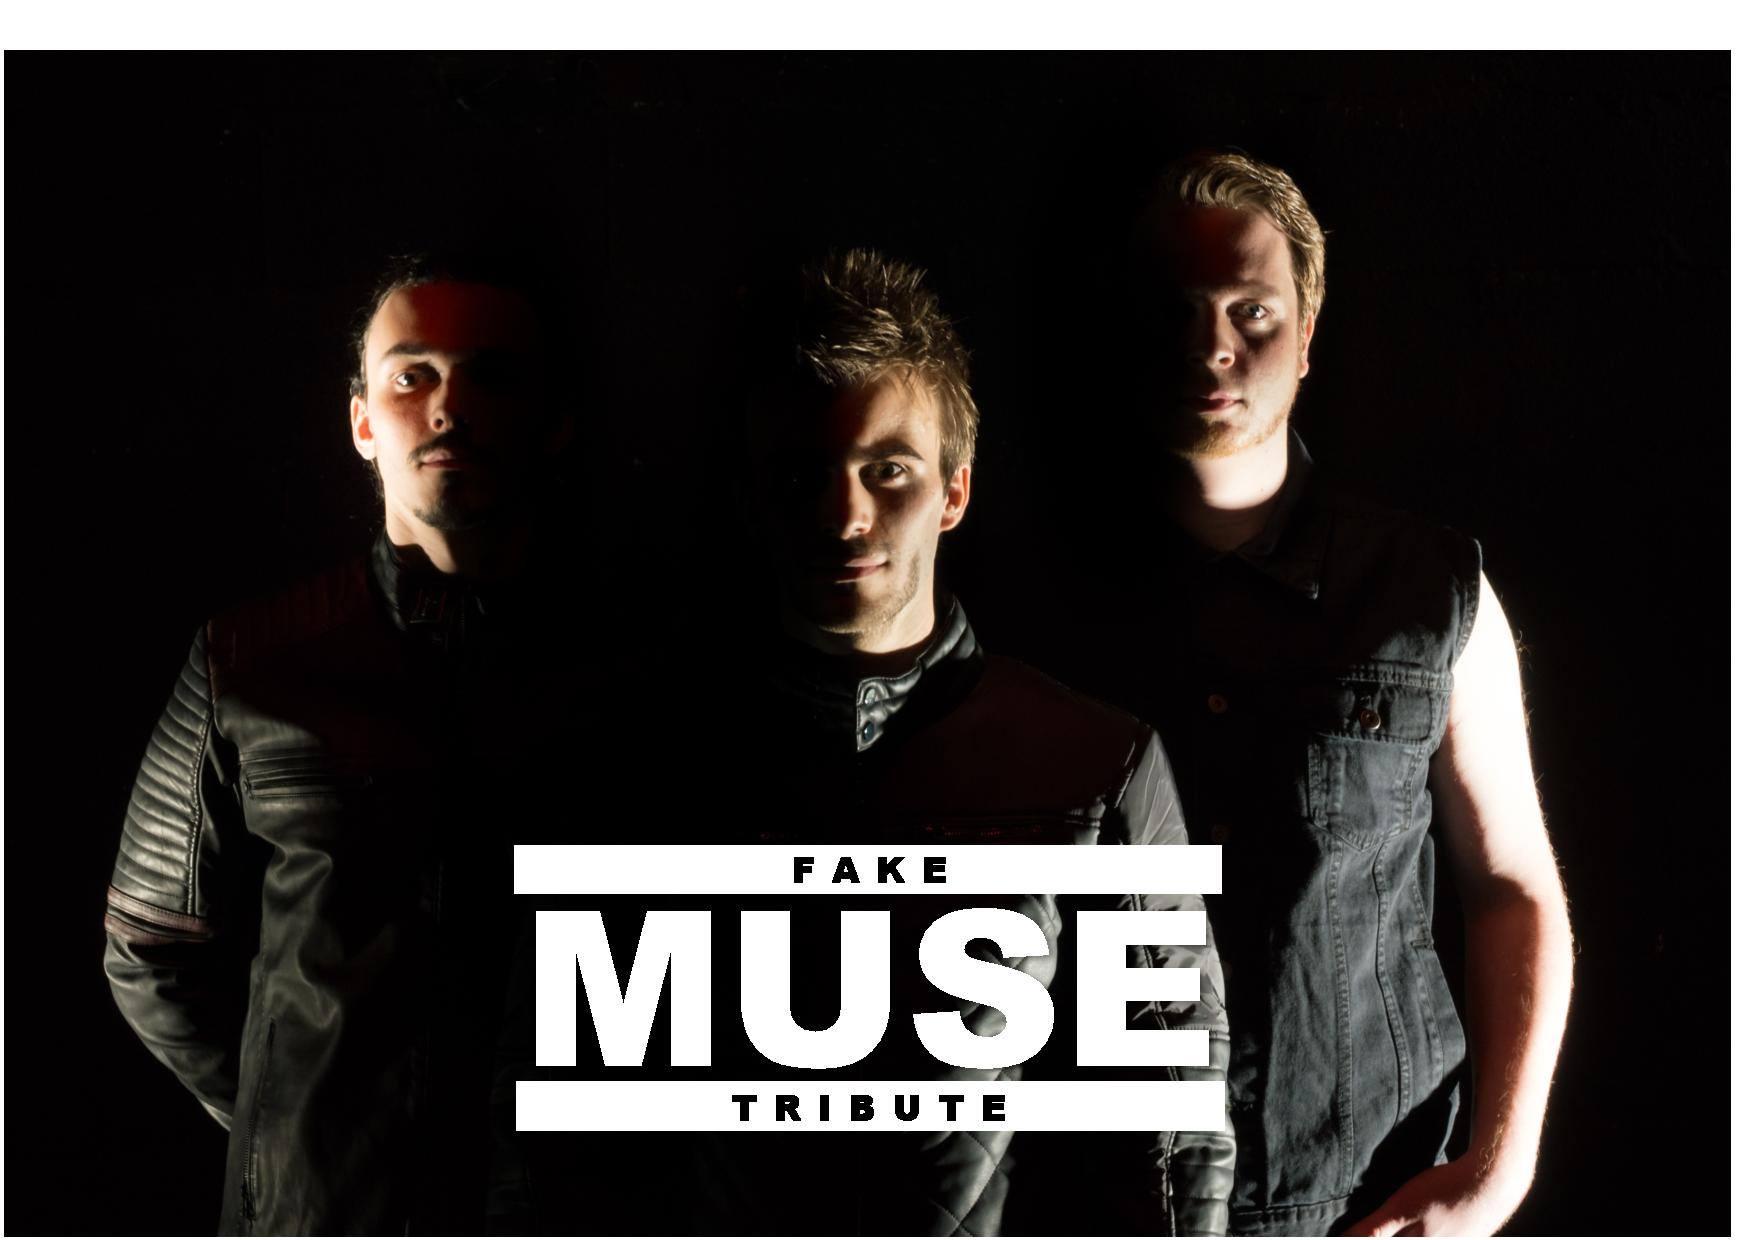 fake-muse-tribute-concert-le-russey-2019-juin-7-8-9-25000-morteau